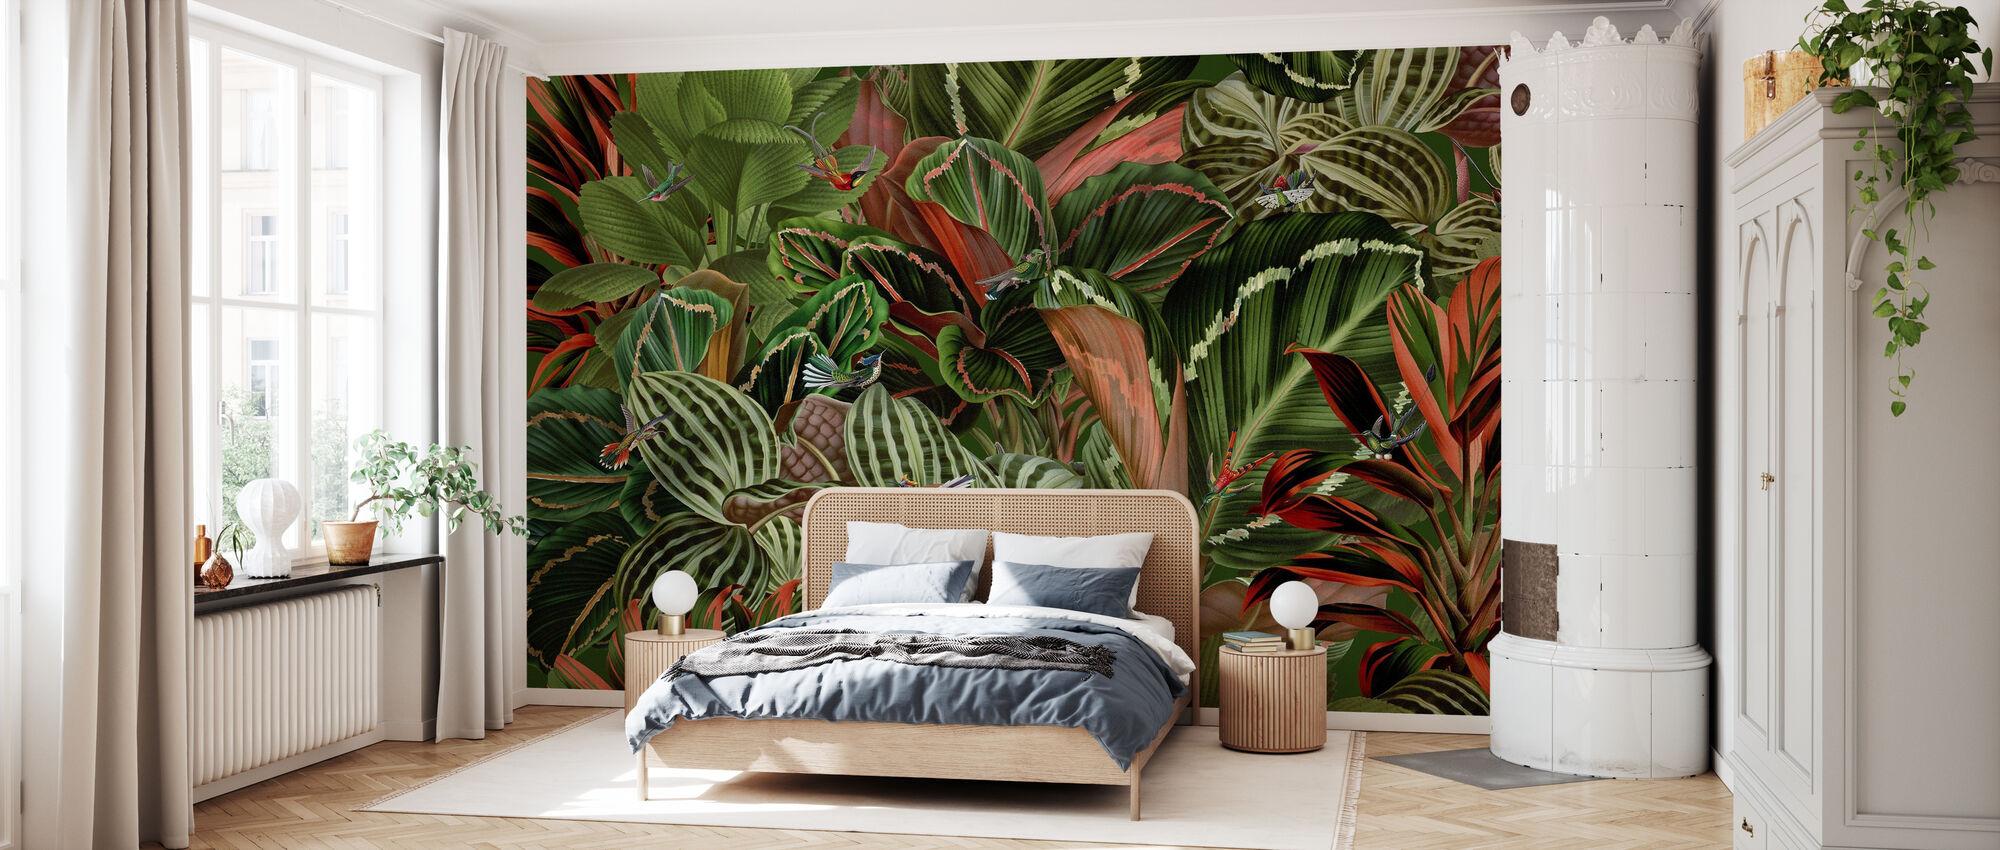 Paradiesvögel - Tapete - Schlafzimmer